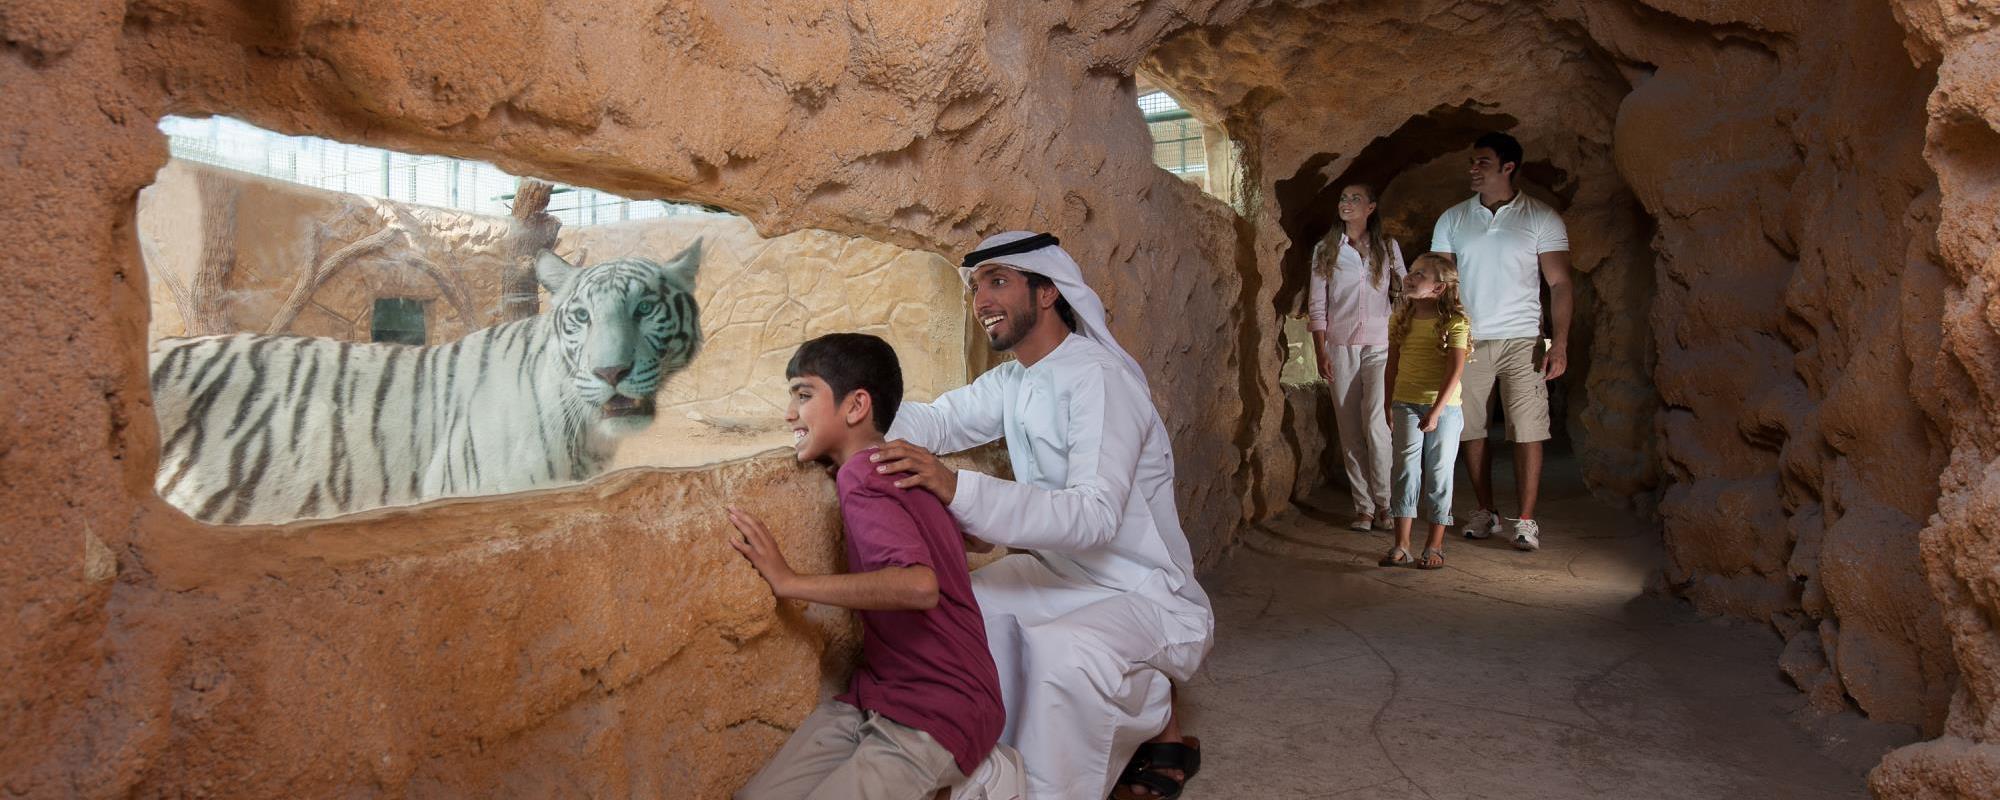 حديقة حيوانات الإمارات